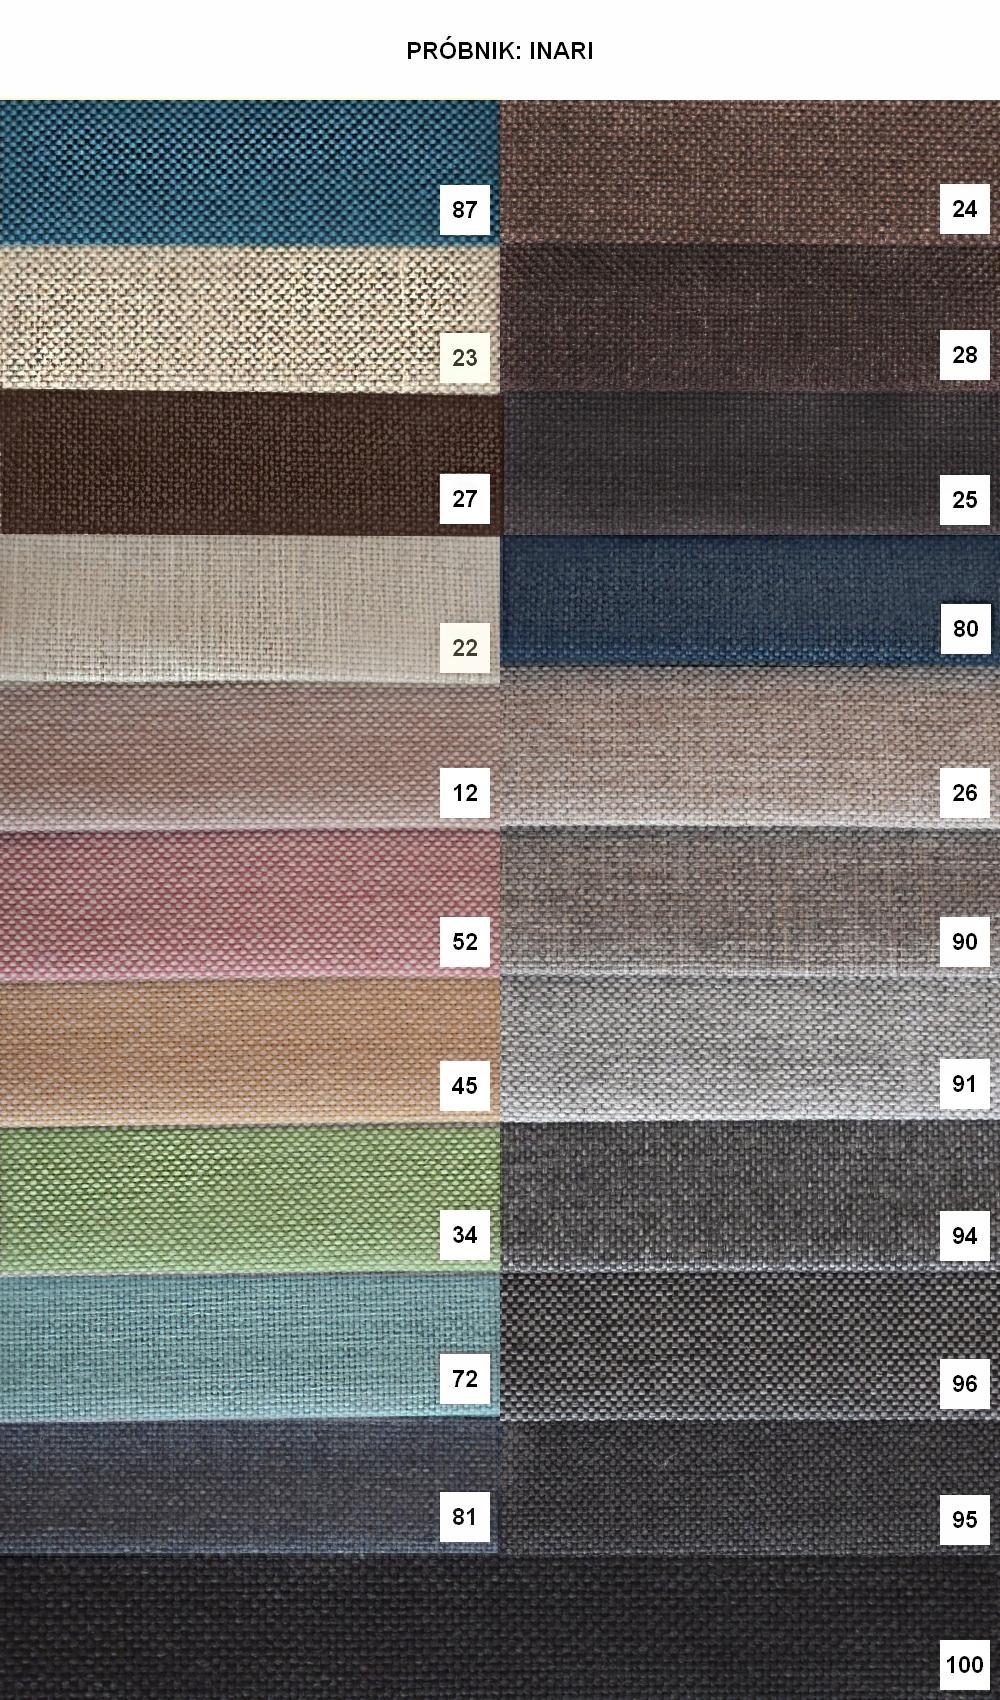 KOMFORTABLE BLANCO U ECKE - FARBEN Körperfarbe in verschiedenen Farben